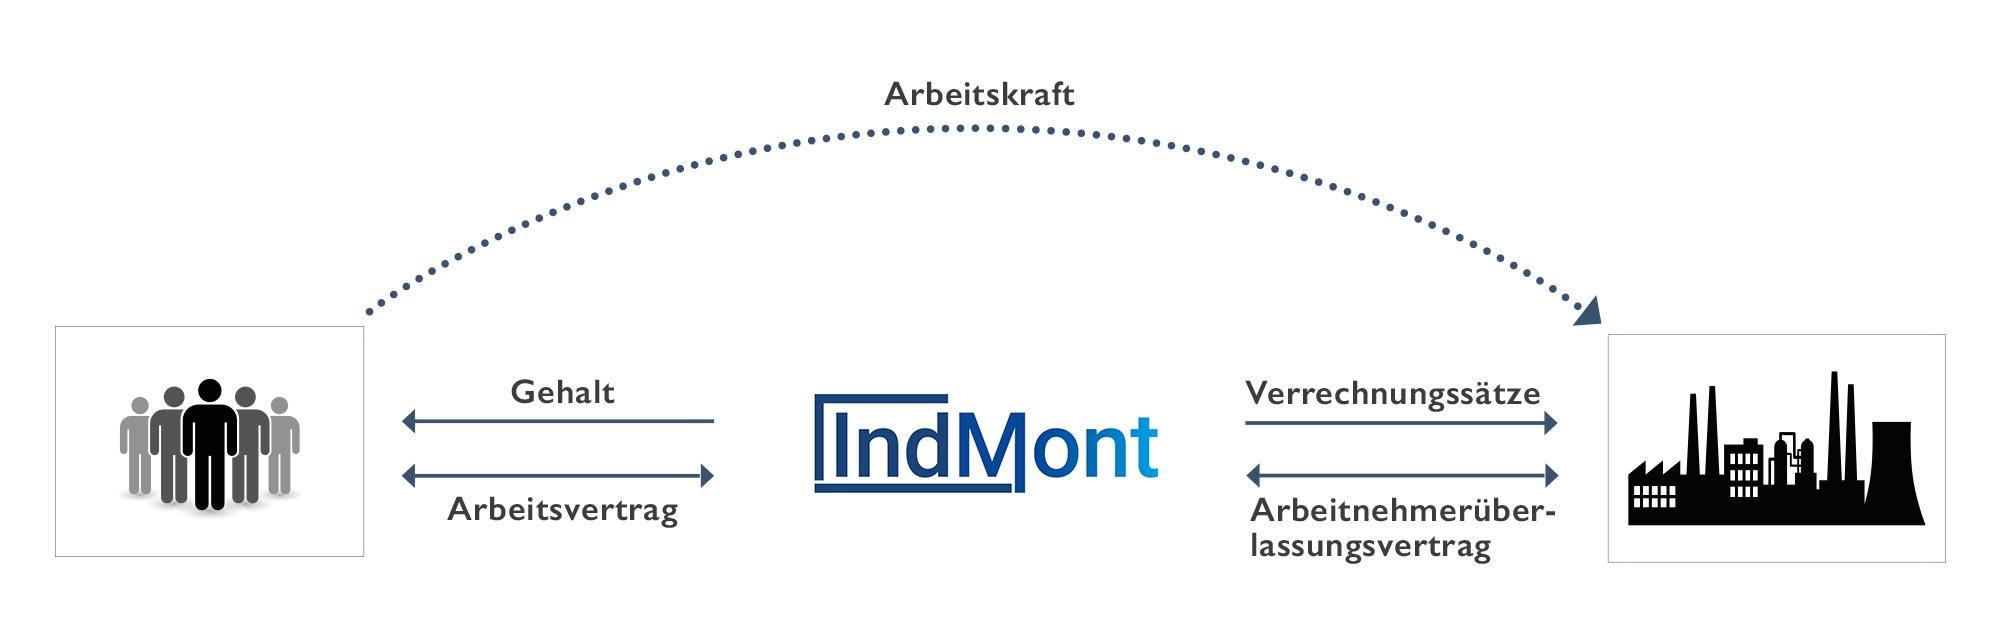 Prozess der Arbeitnehmerüberlassung bei IndMont